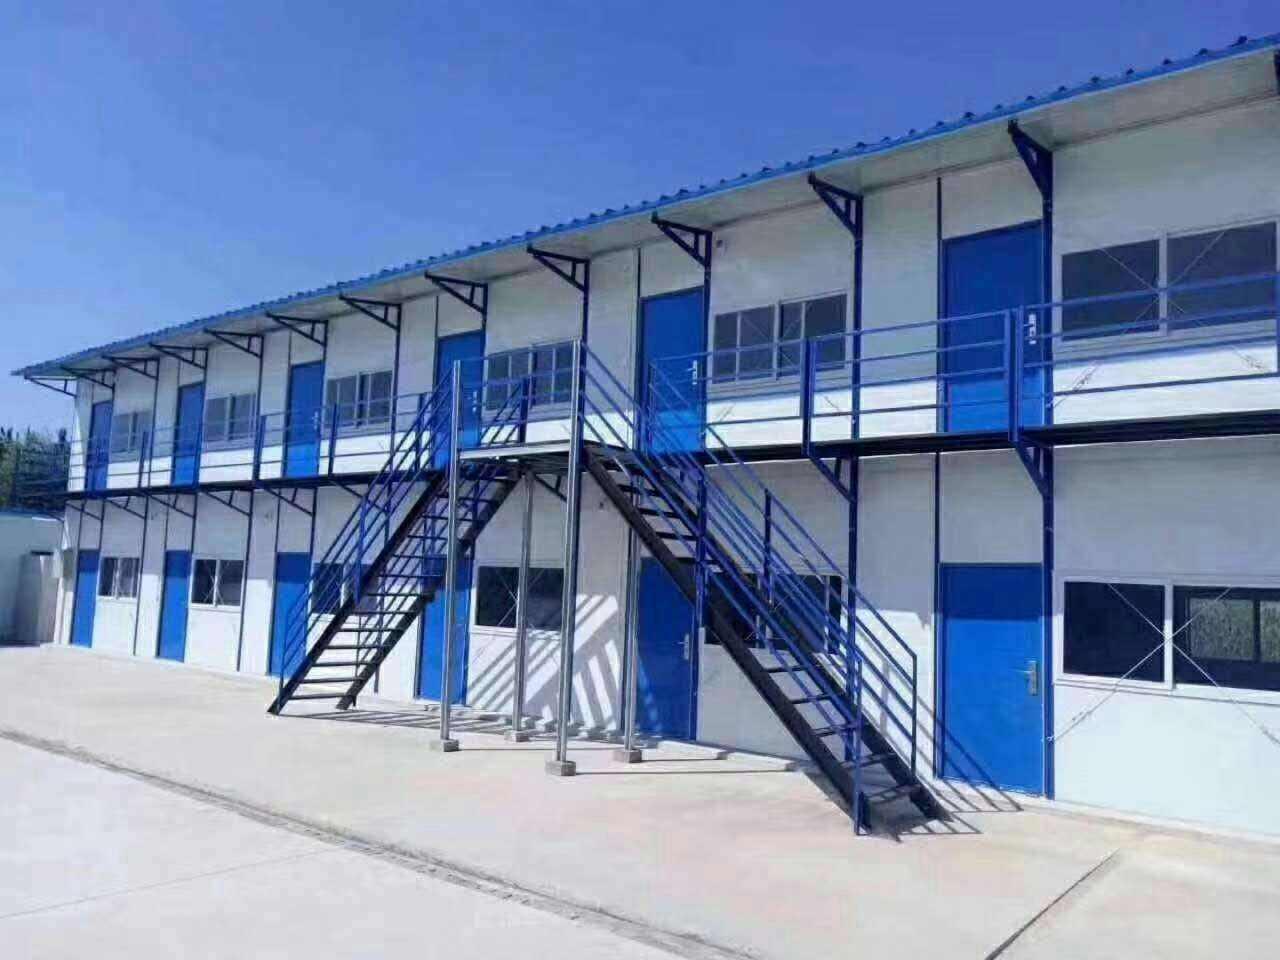 彩钢瓦屋顶安装光伏电站的9个注意事项